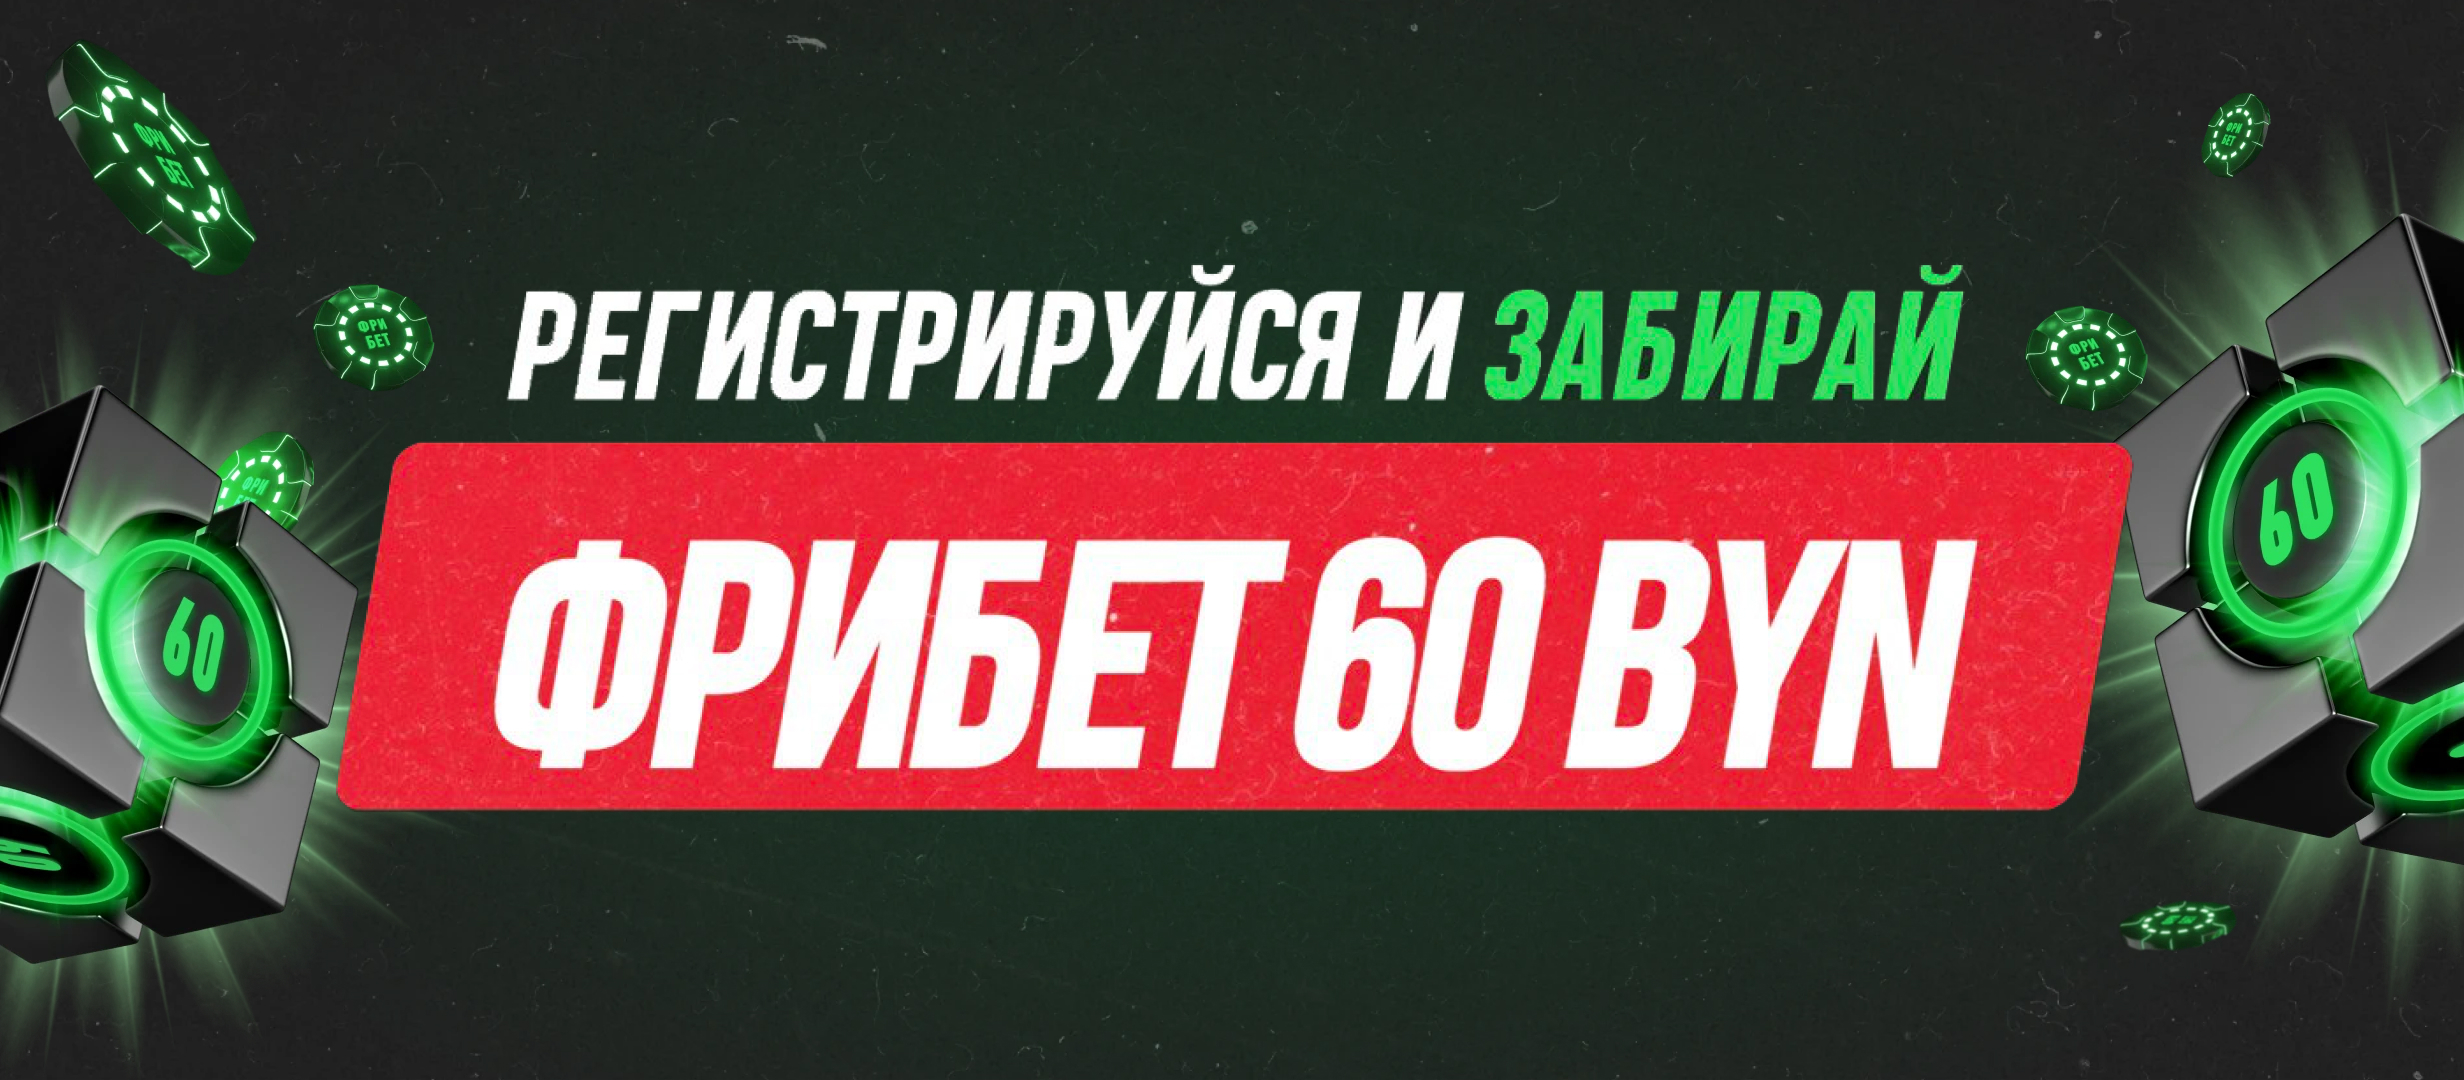 Фрибет от Maxline 60 руб..